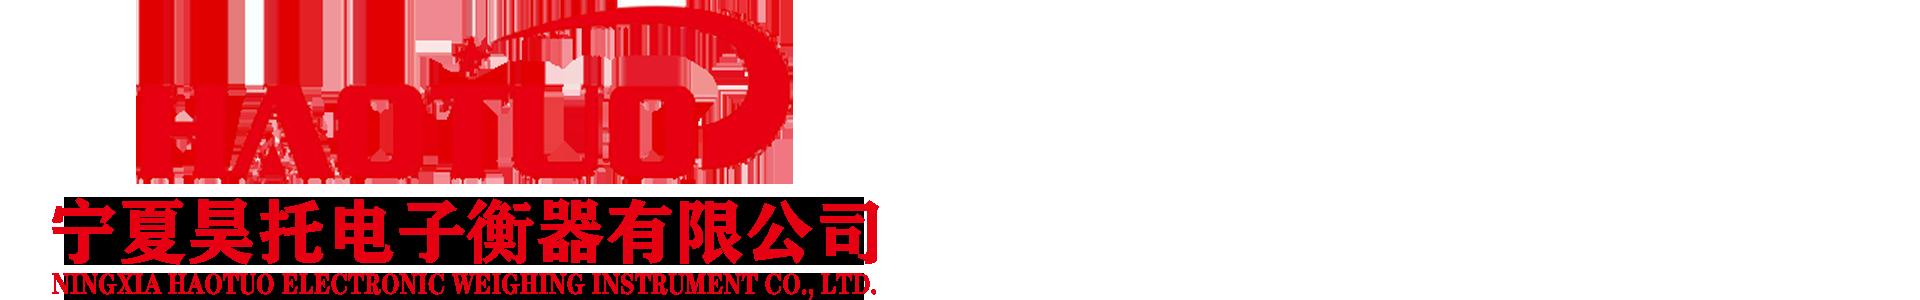 宁夏昊托电子衡器有限公司